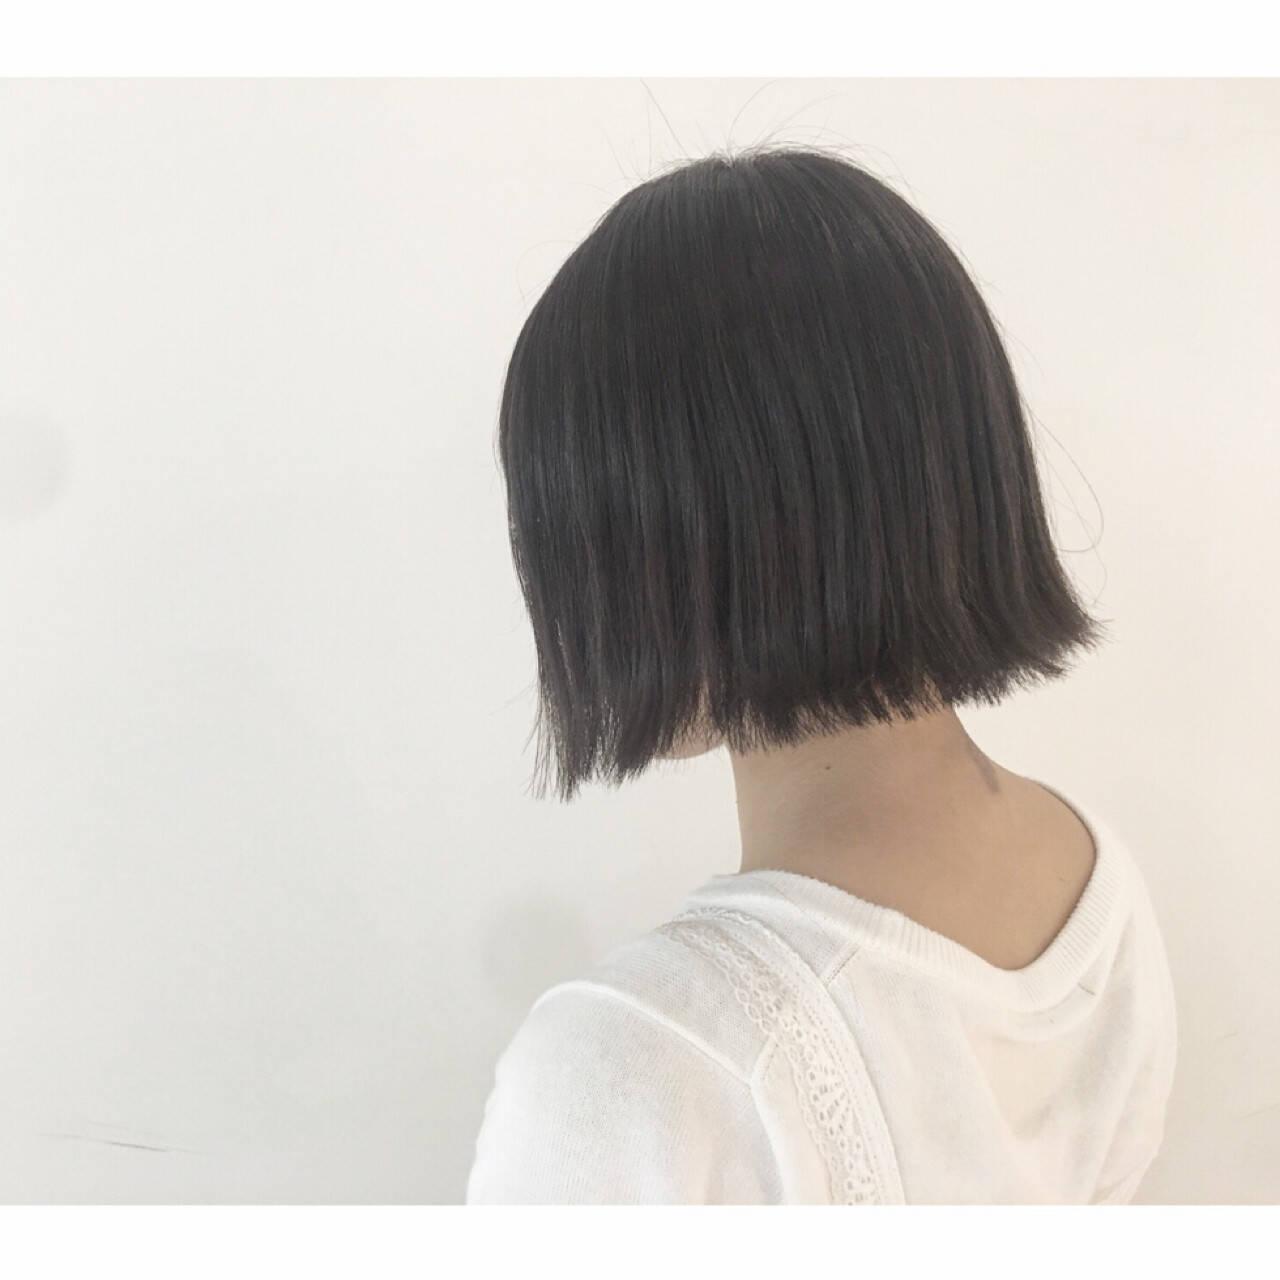 色気 黒髪 グレー ボブヘアスタイルや髪型の写真・画像